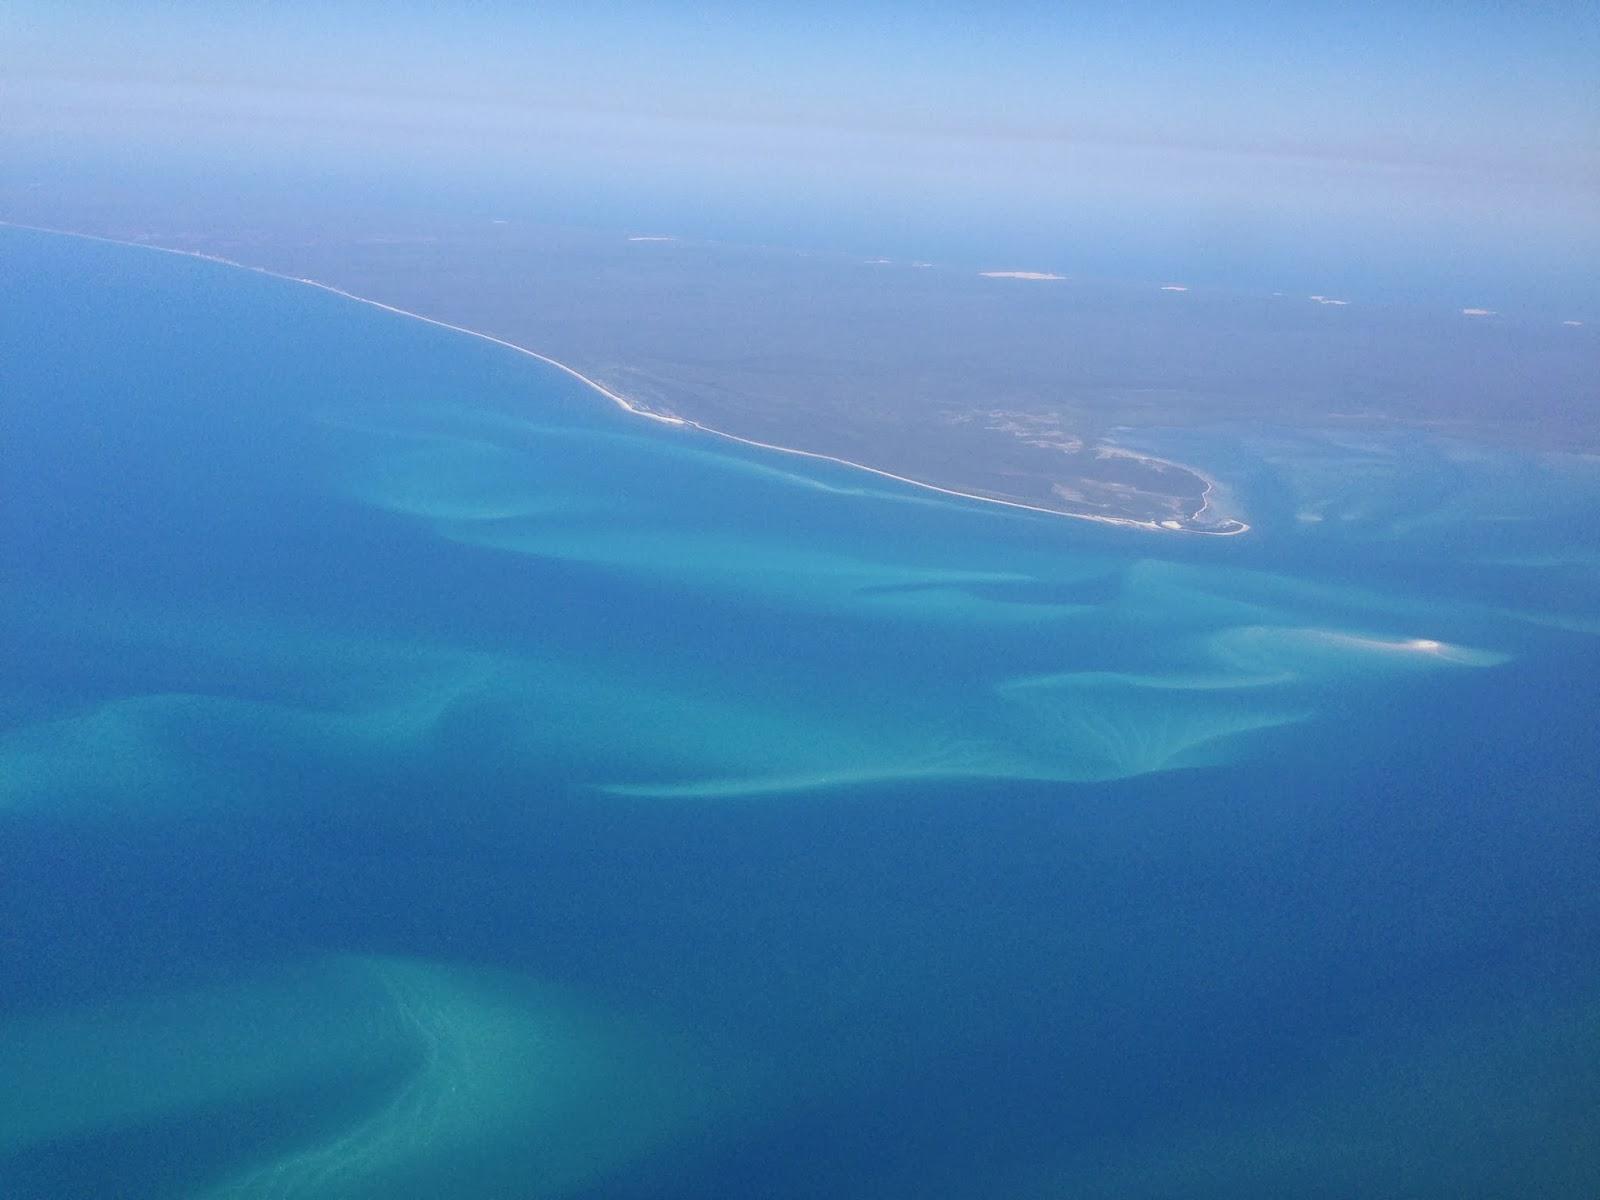 【澳洲】出發前行程規劃篇 – 黃金海岸9天6夜親子遊自由行之三